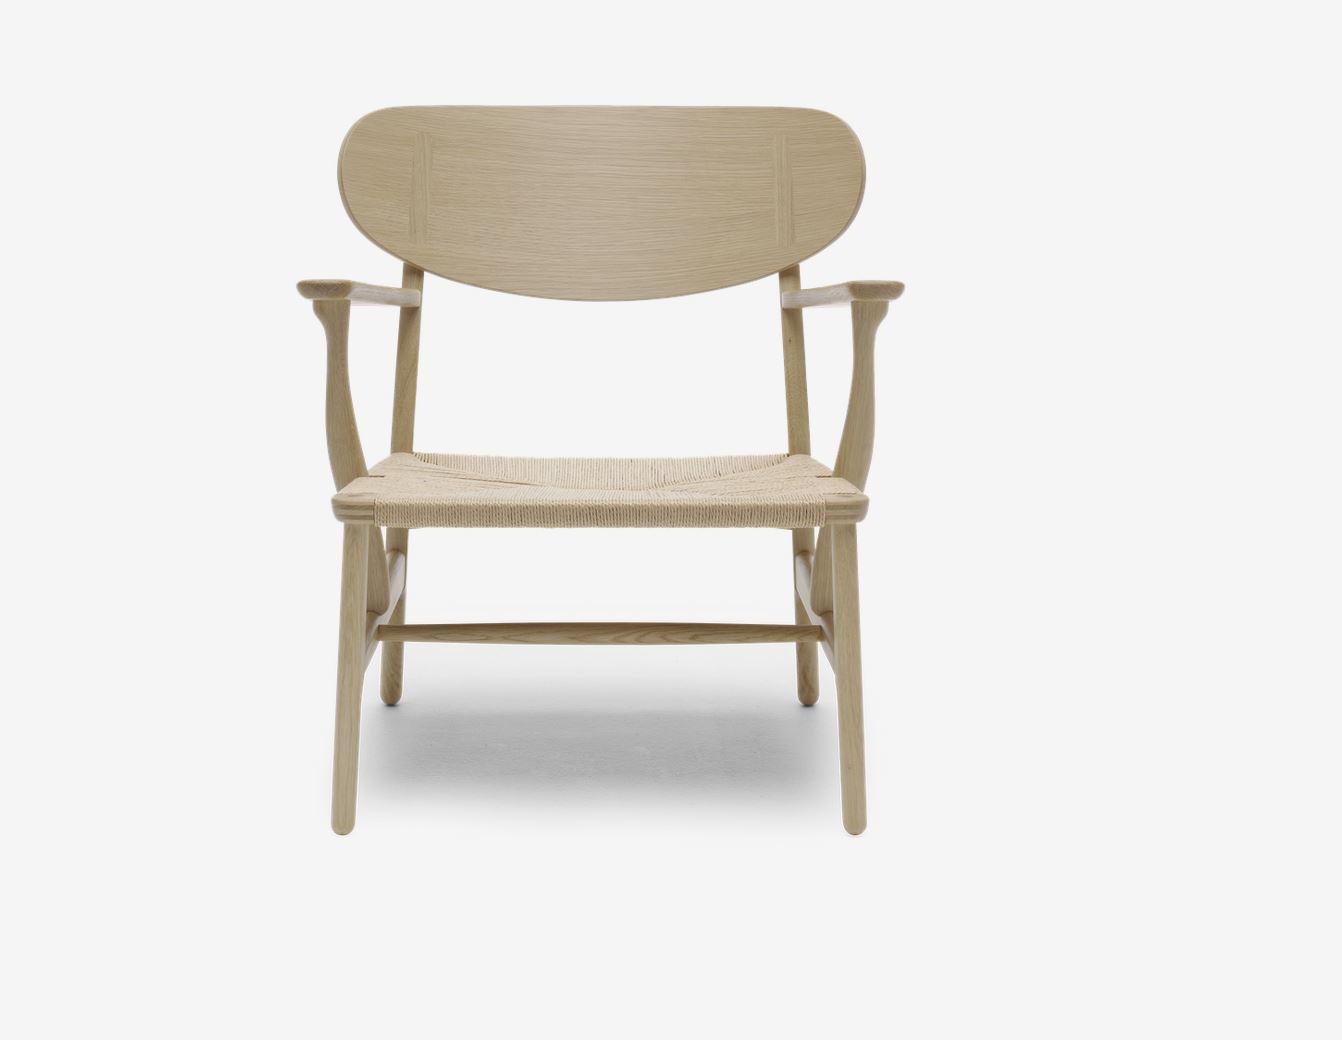 CH22 Lounge Chair, Carl Hansen - Deesup